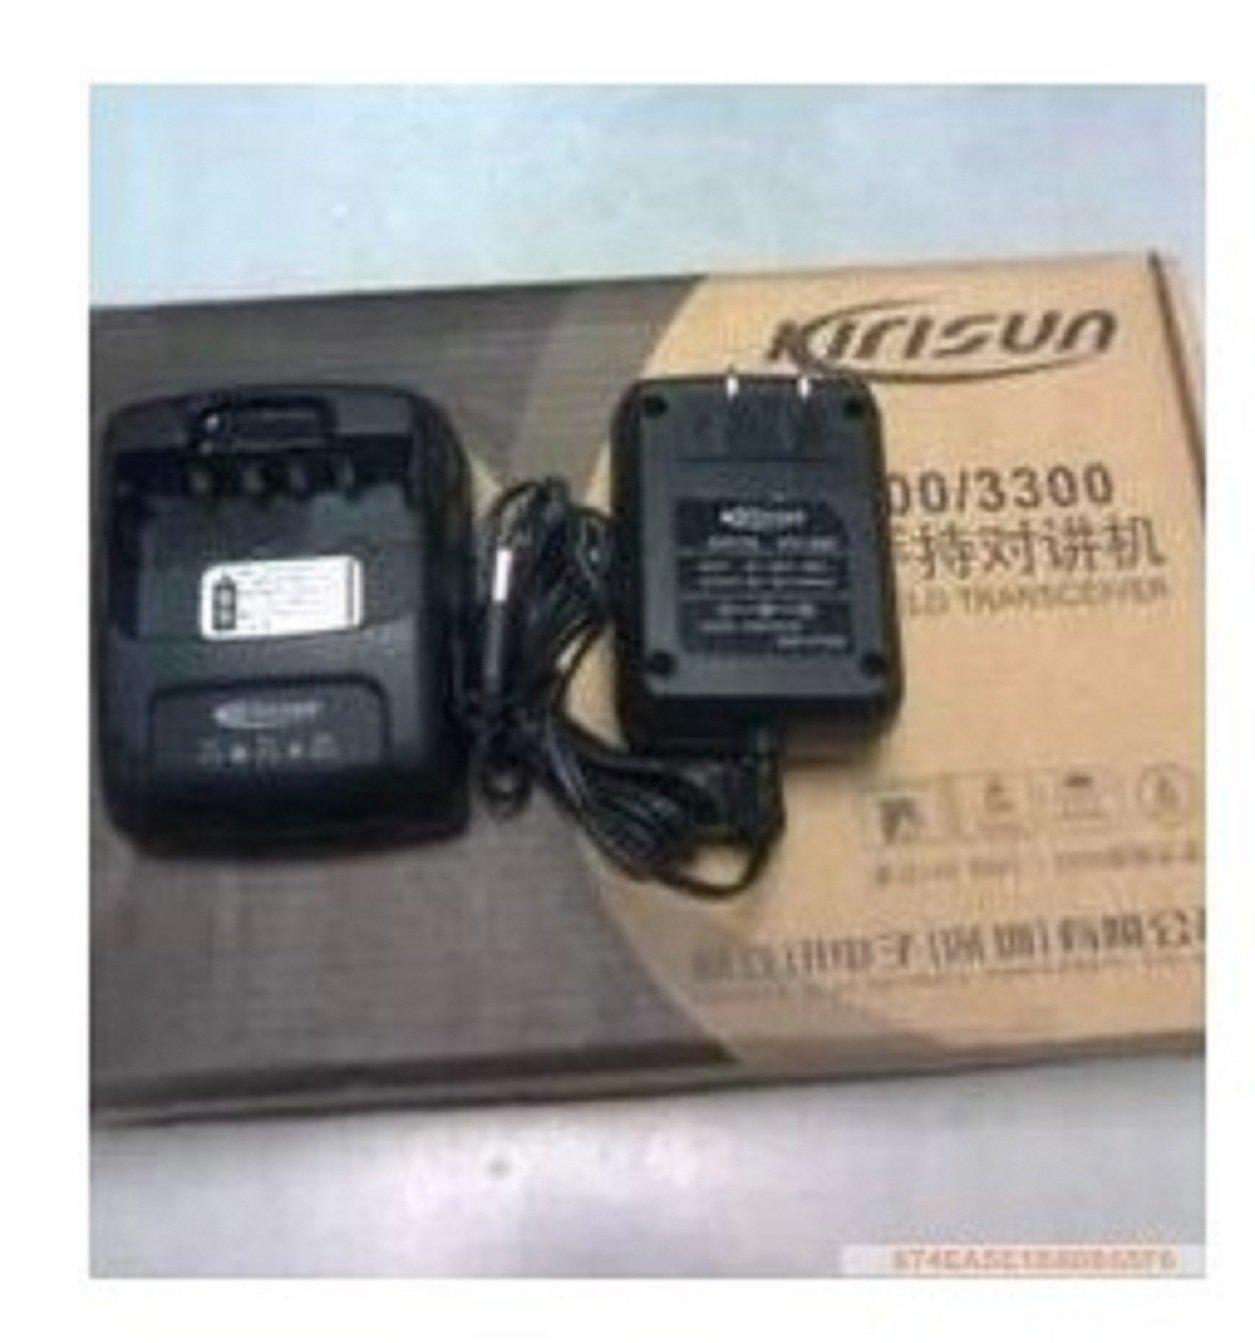 科立讯 对讲机pt3300充电器/pt-3300充电器充电座 火牛底座kbc-42s